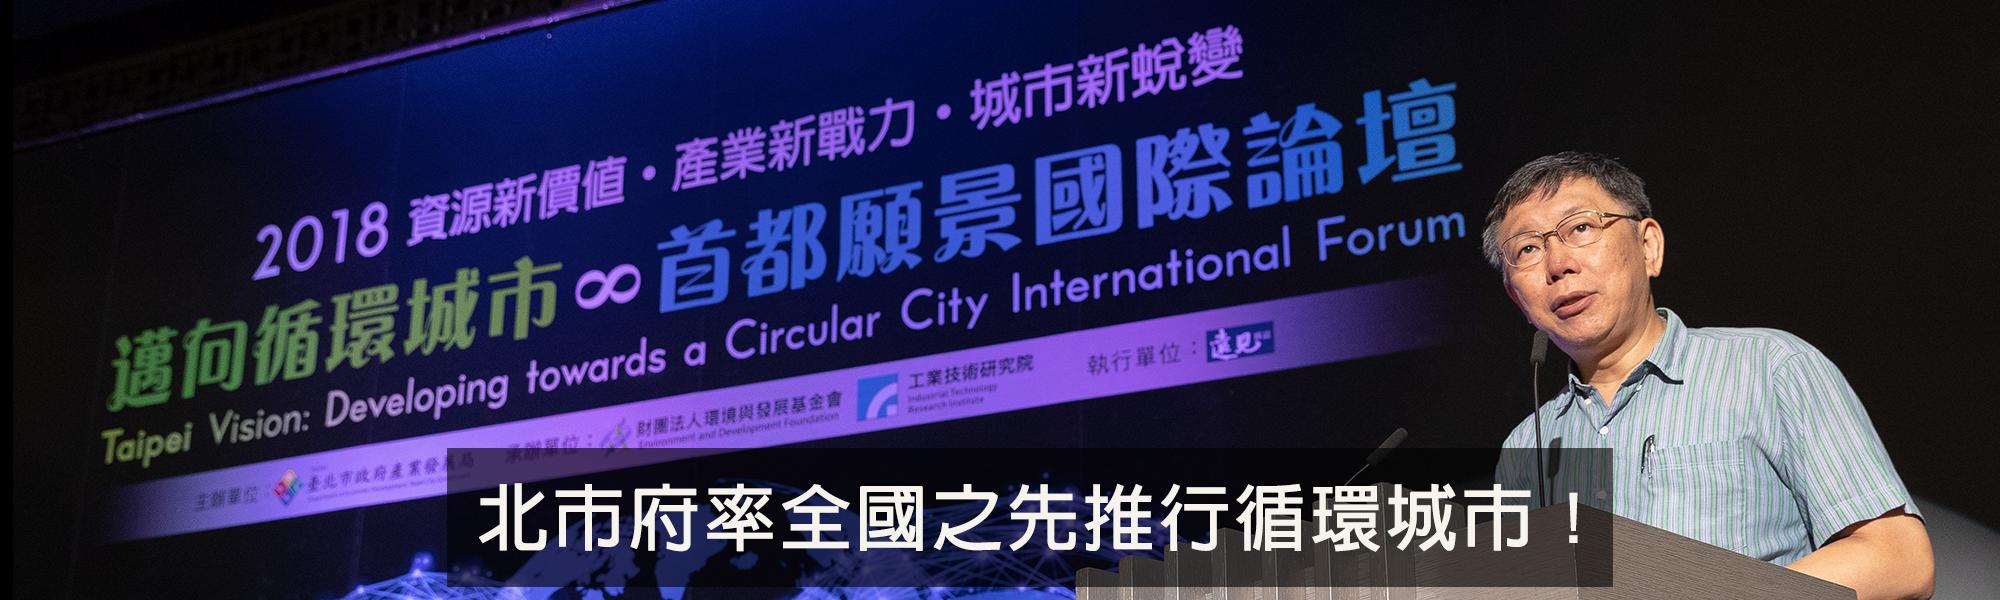 2018邁向循環城市∞首都願景國際論壇